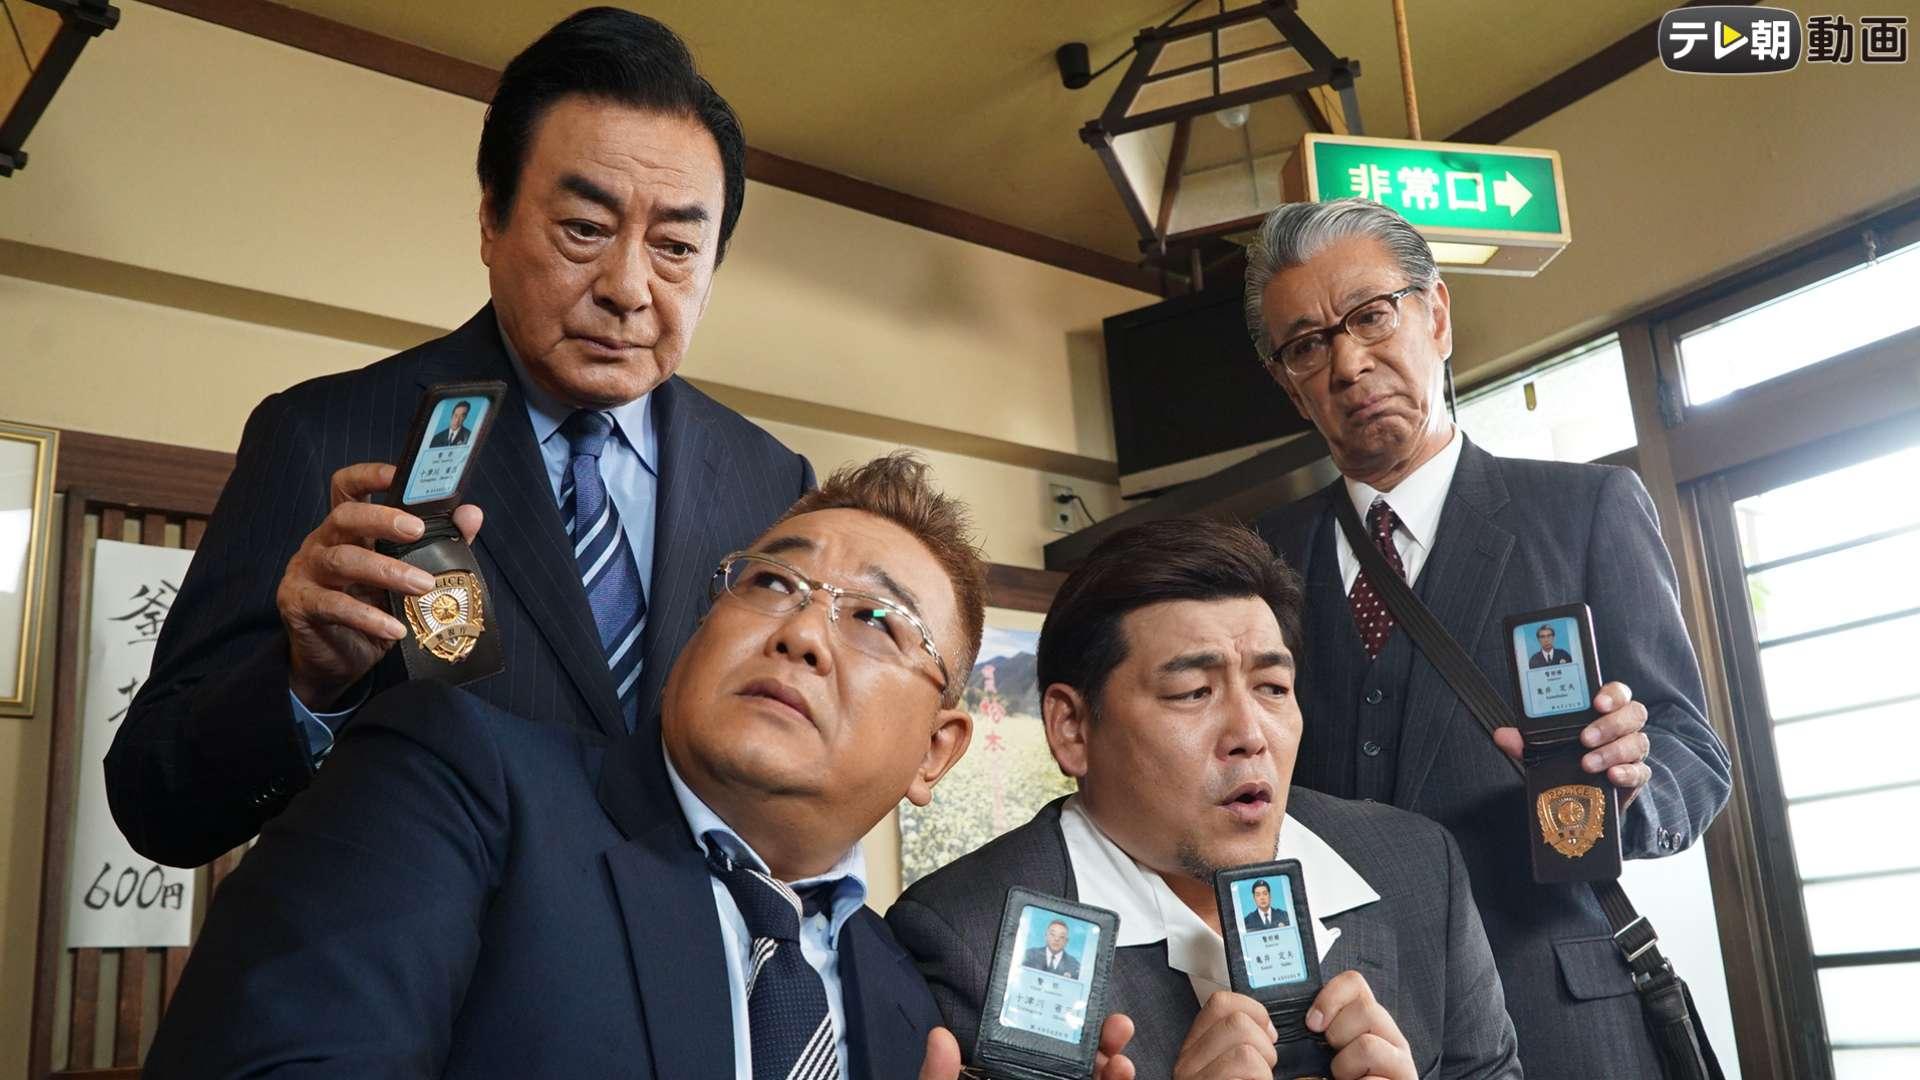 西村京太郎トラベルミステリー71(2020年1月5日放送)